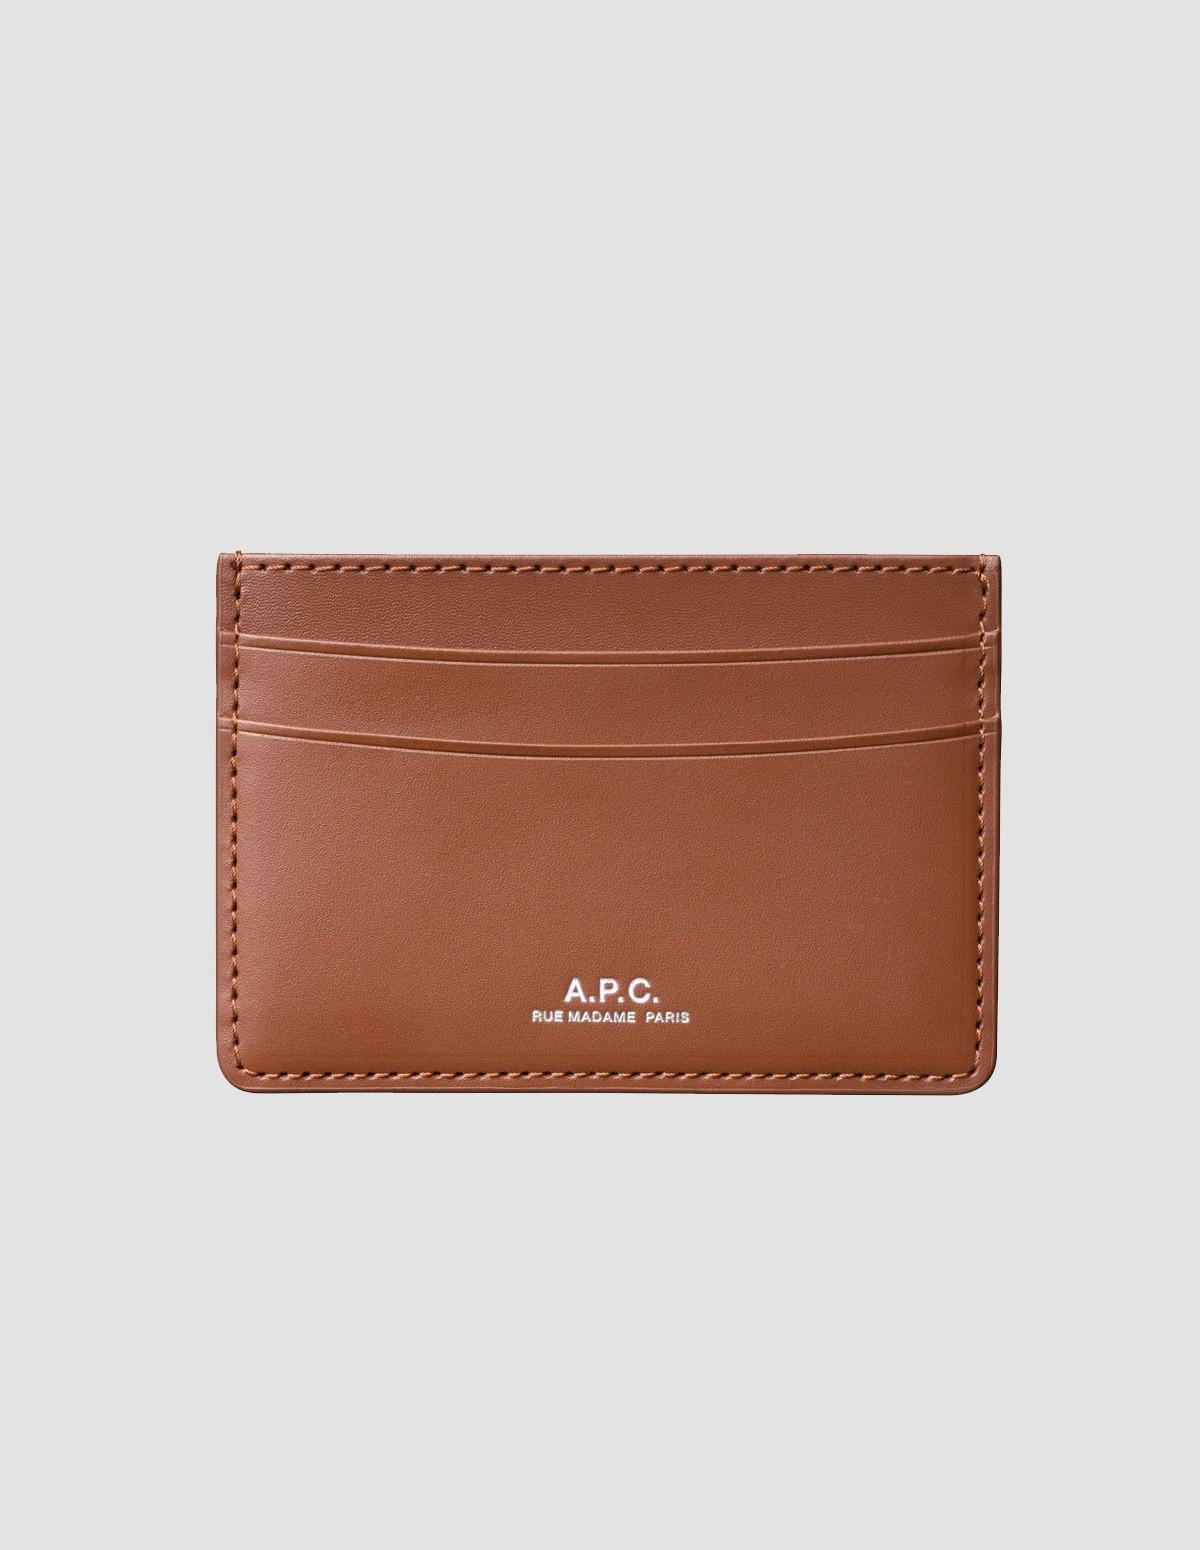 Apc H63028 Porte Cartes Andre - NOISETTE